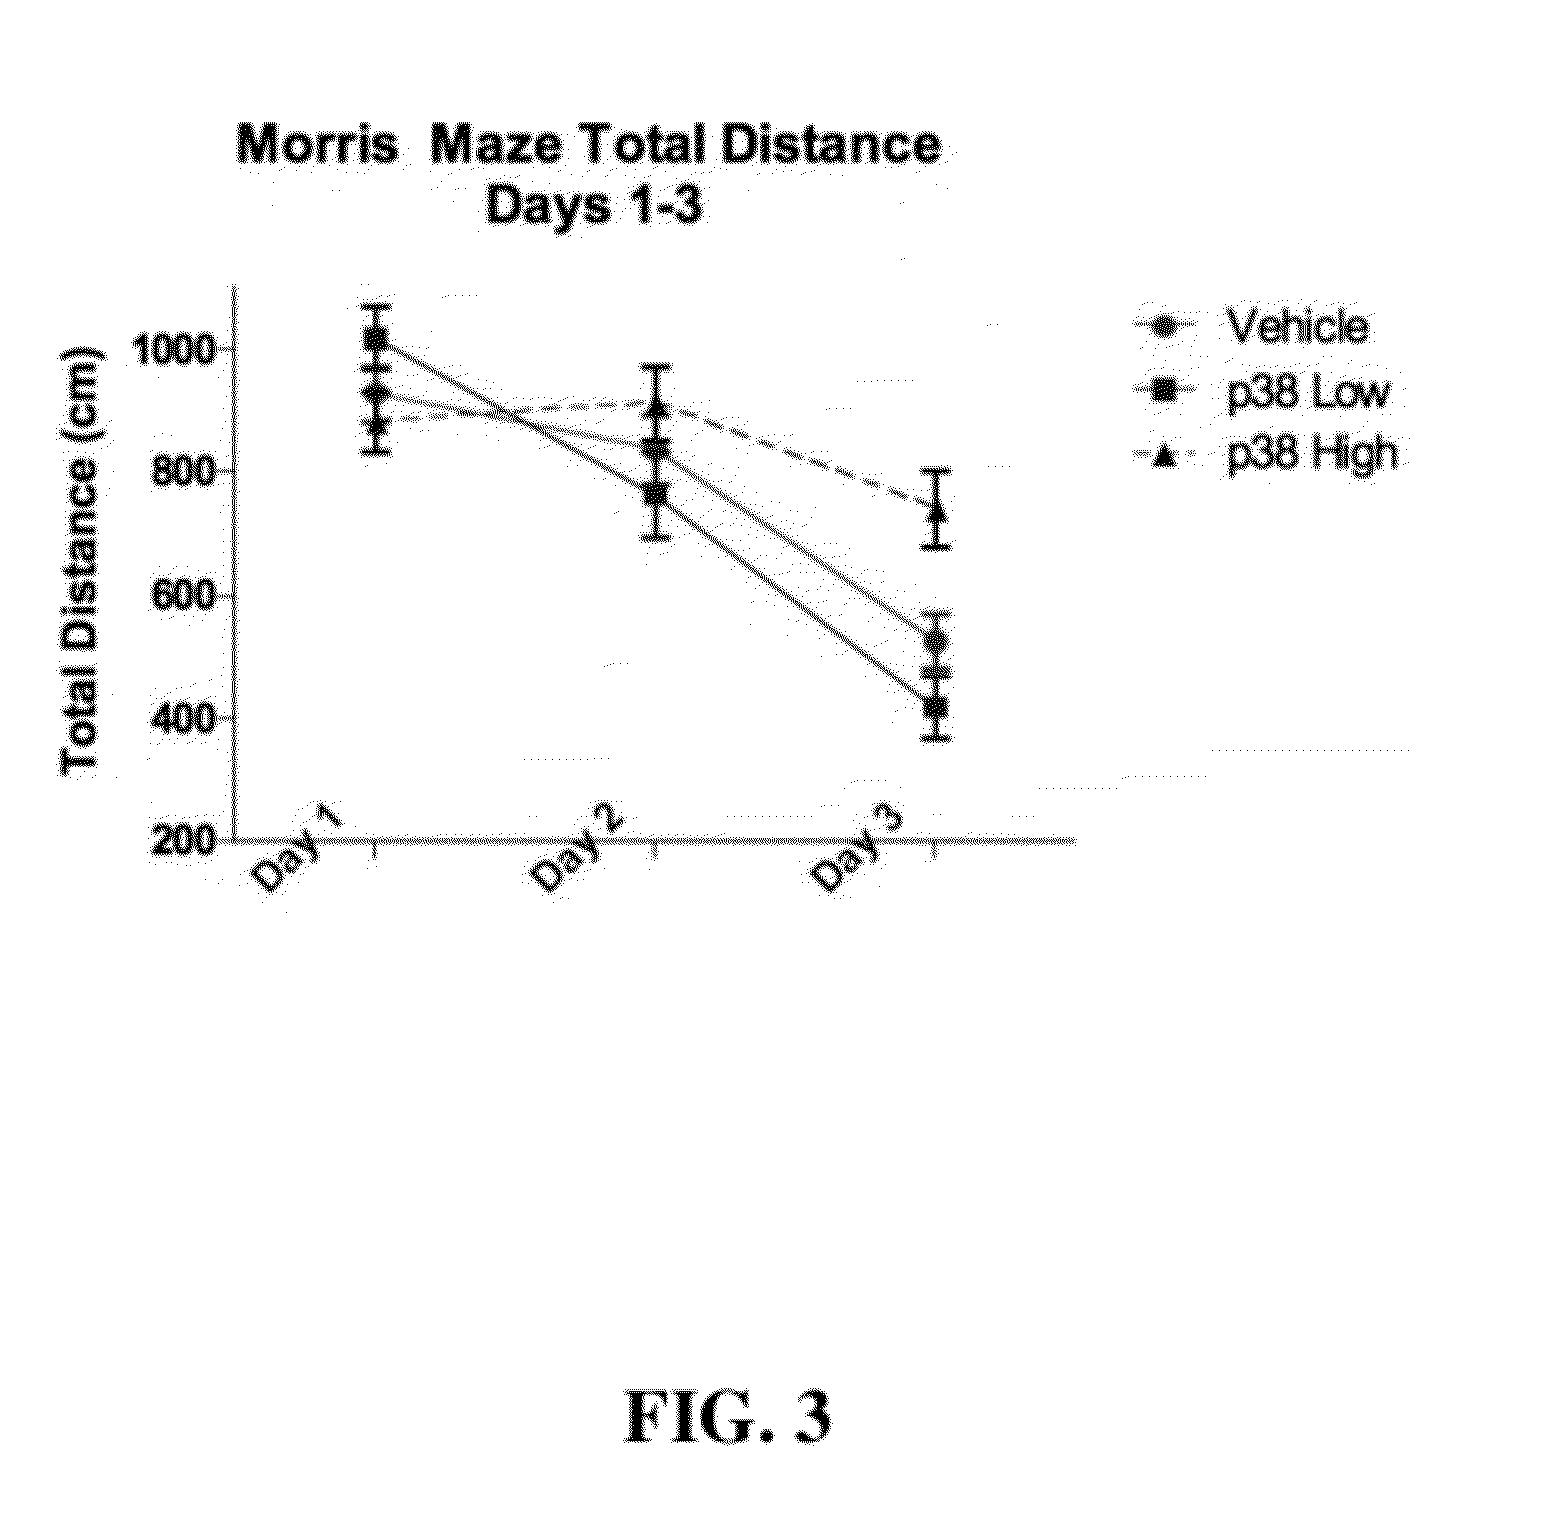 Iq drug use correlation photo 2